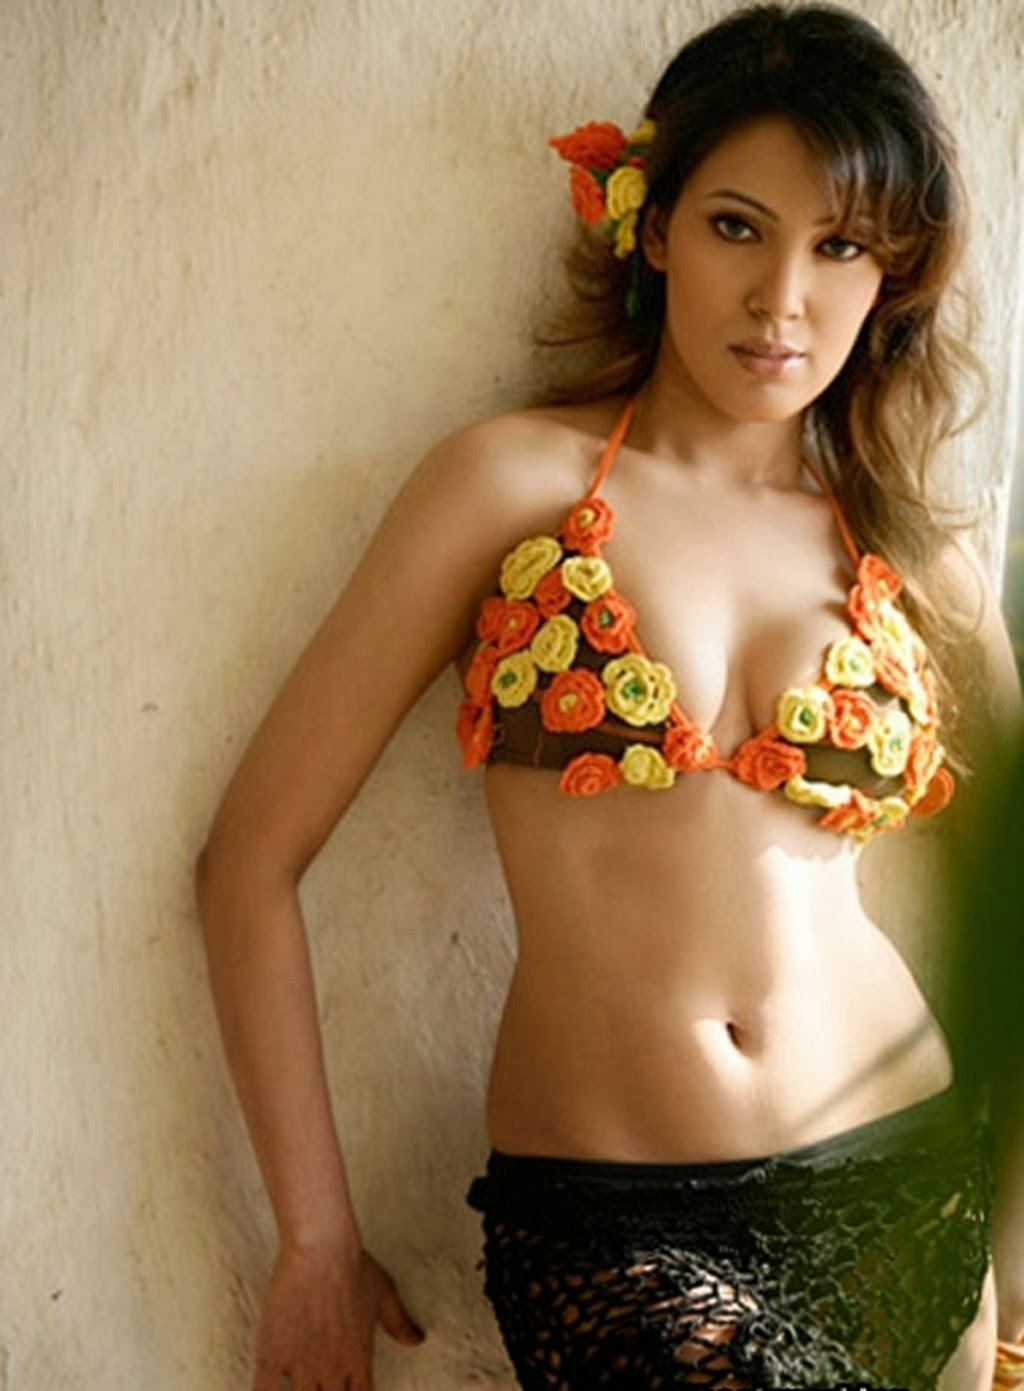 Porn Actress Blog 5